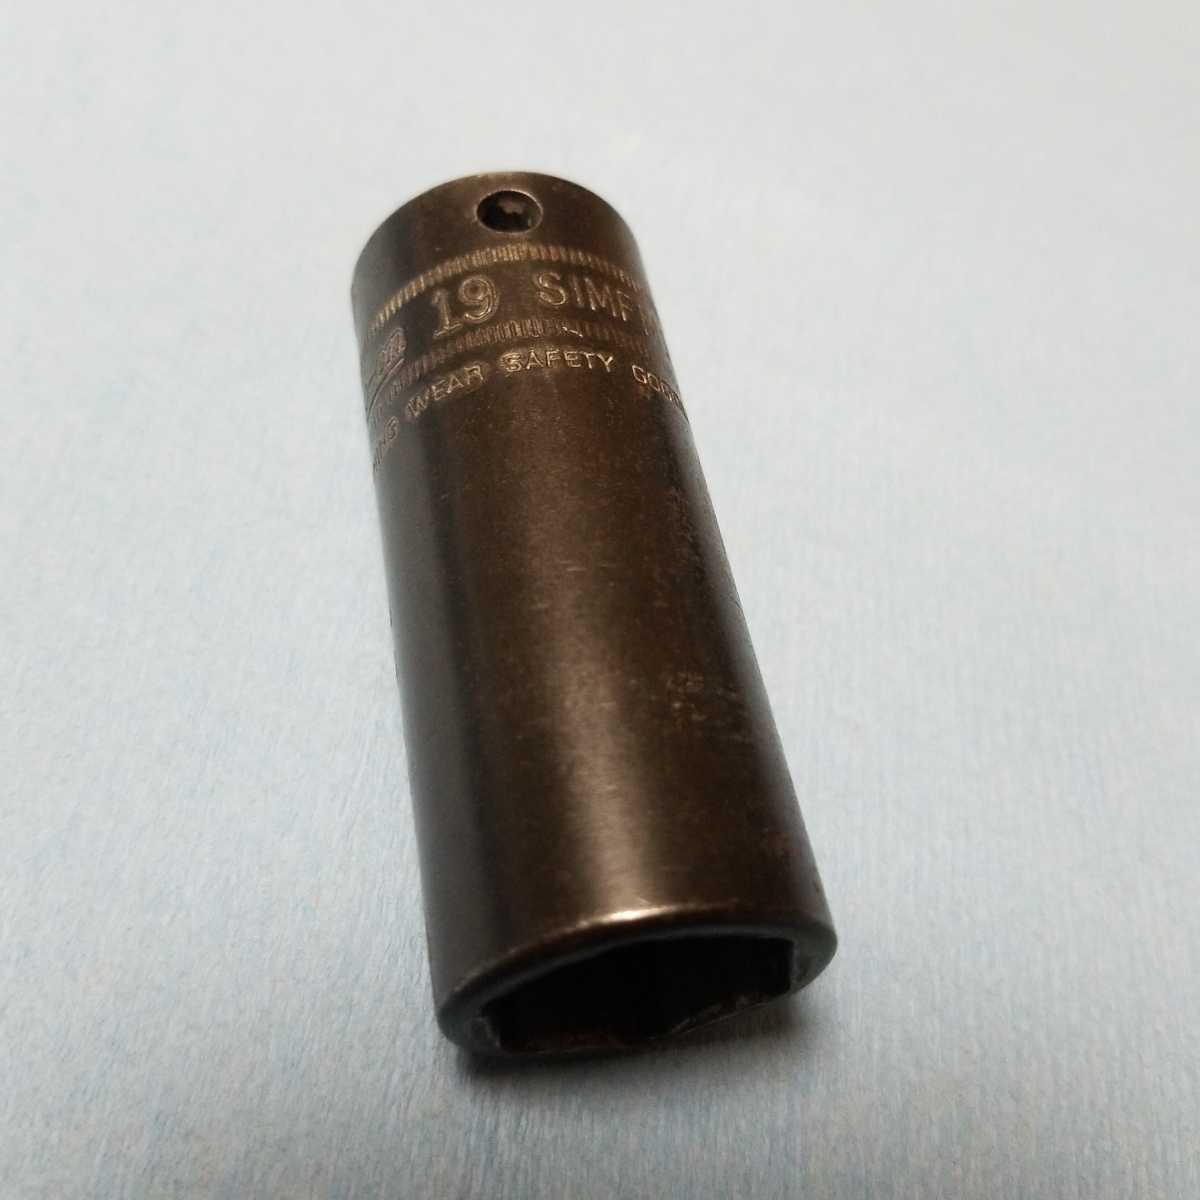 3/8 ディープ 19mm スナップオン インパクト ソケット SIMFML19 中古品 保管品 SNAP-ON SNAPON ディープソケット ソケットレンチ 旧ロゴ 6P_画像1